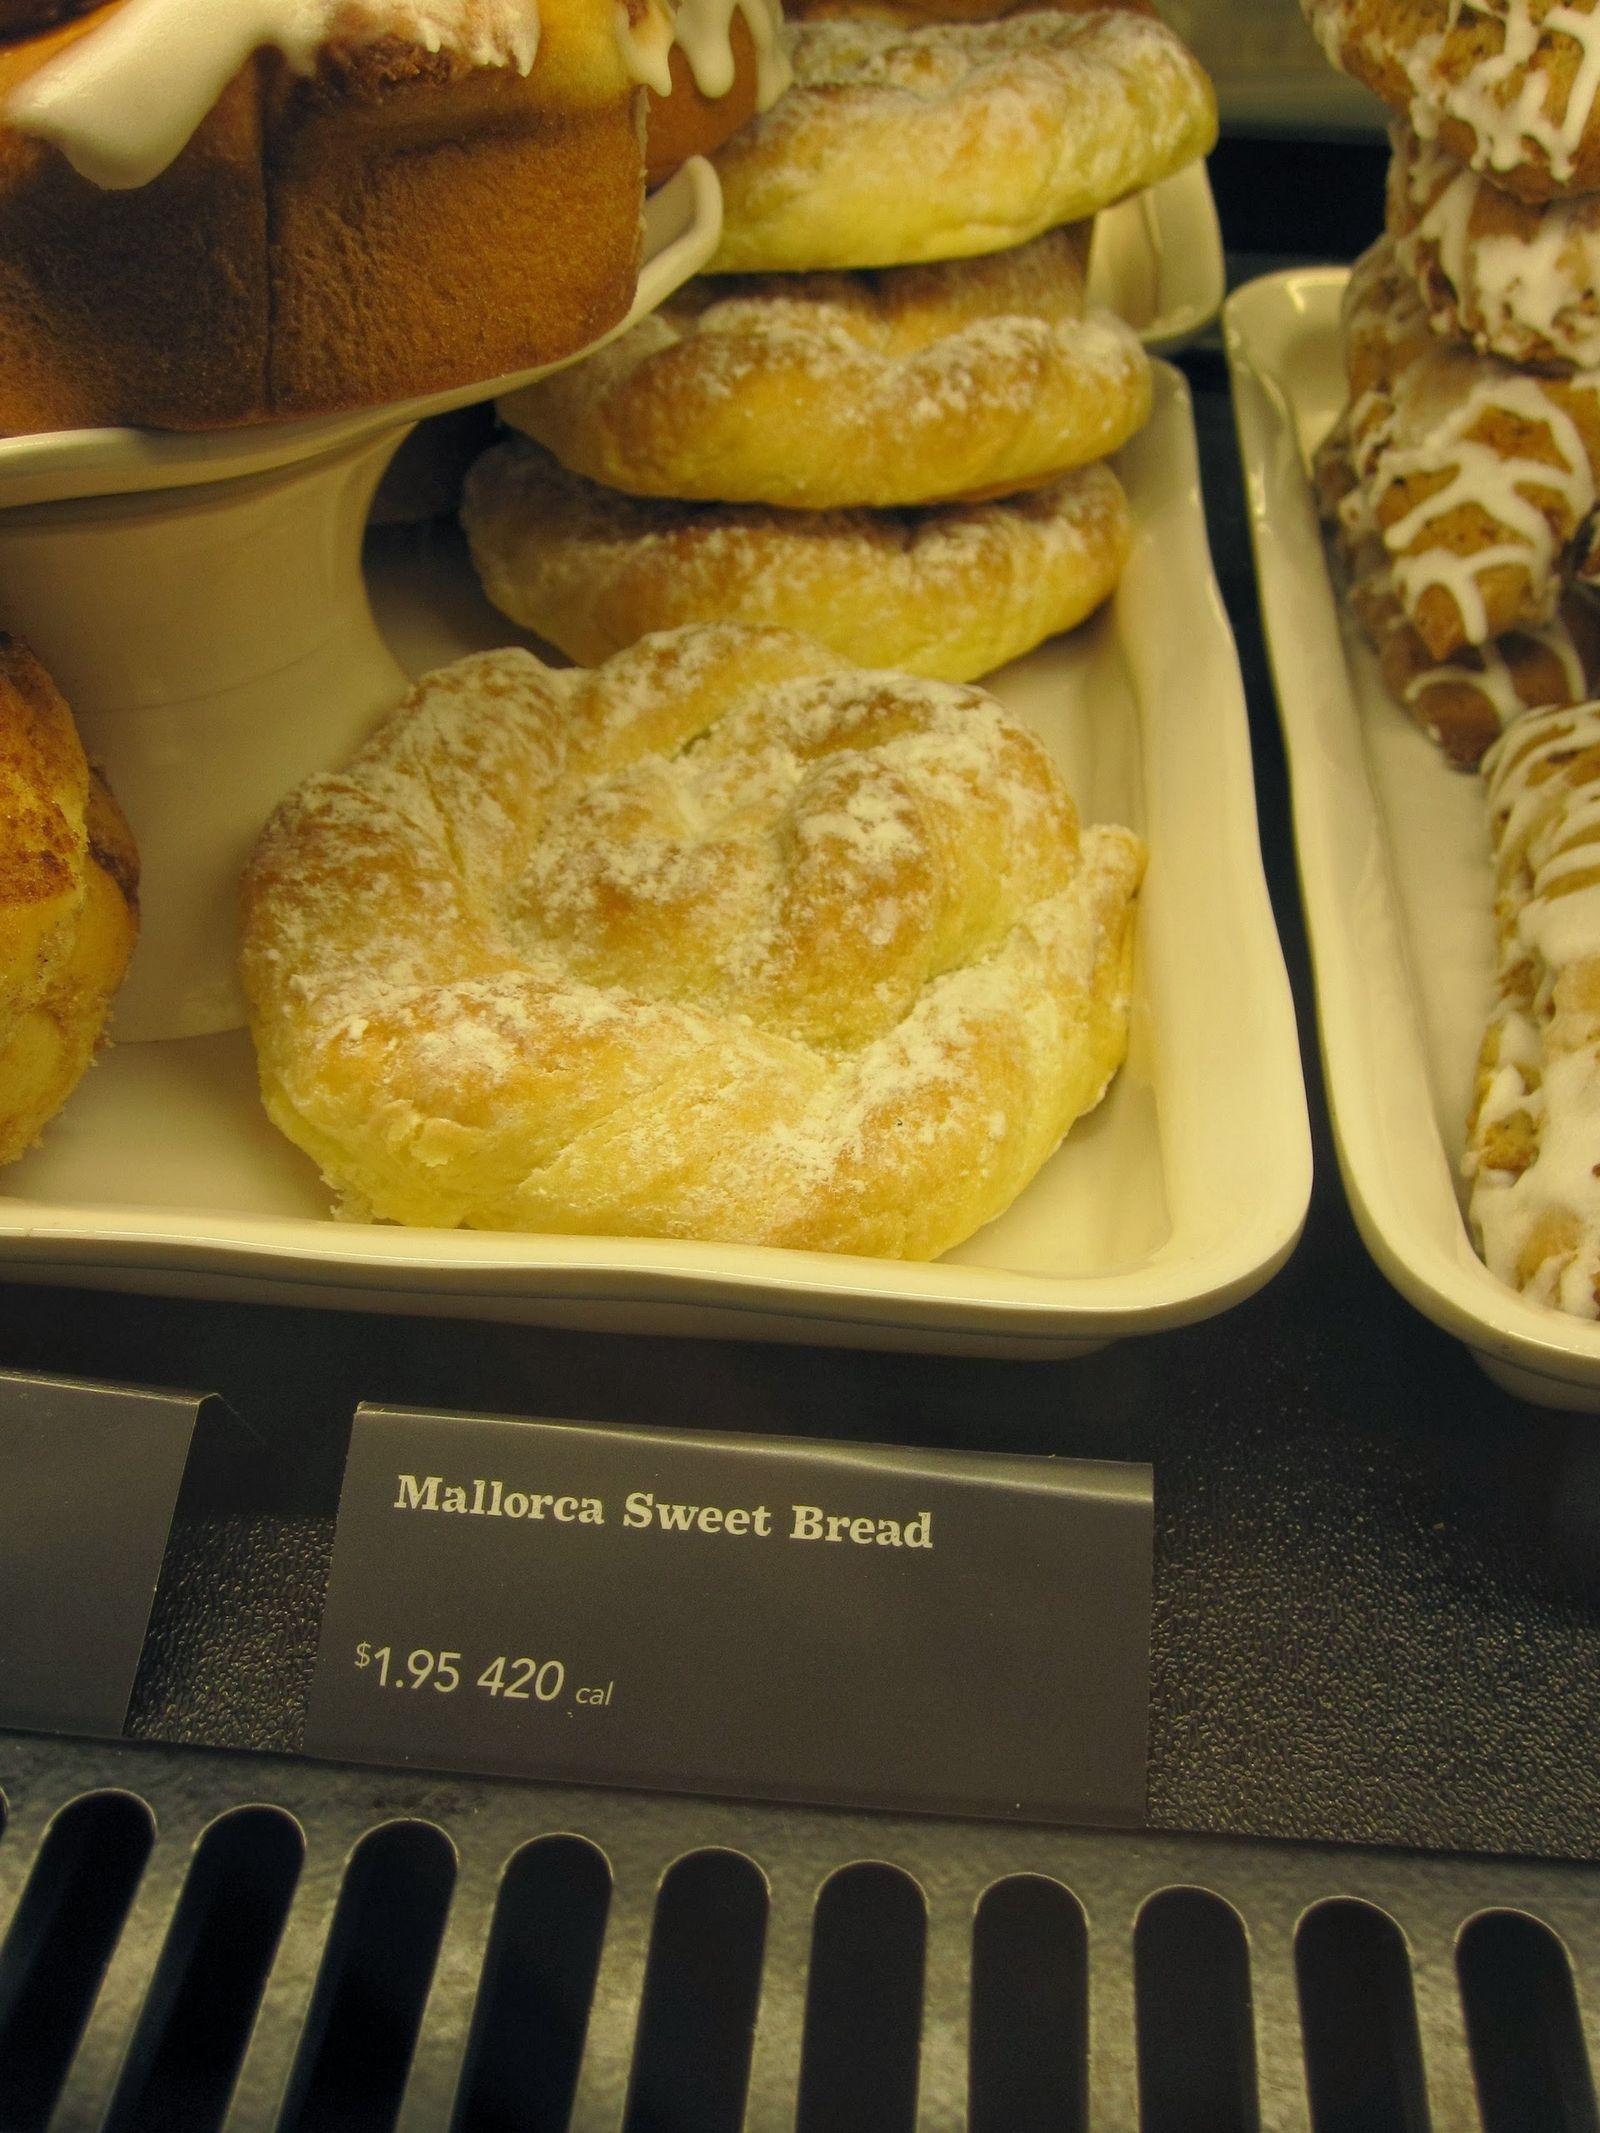 Pan dulce mallorquín, lo que vendría siendo una ensaimada